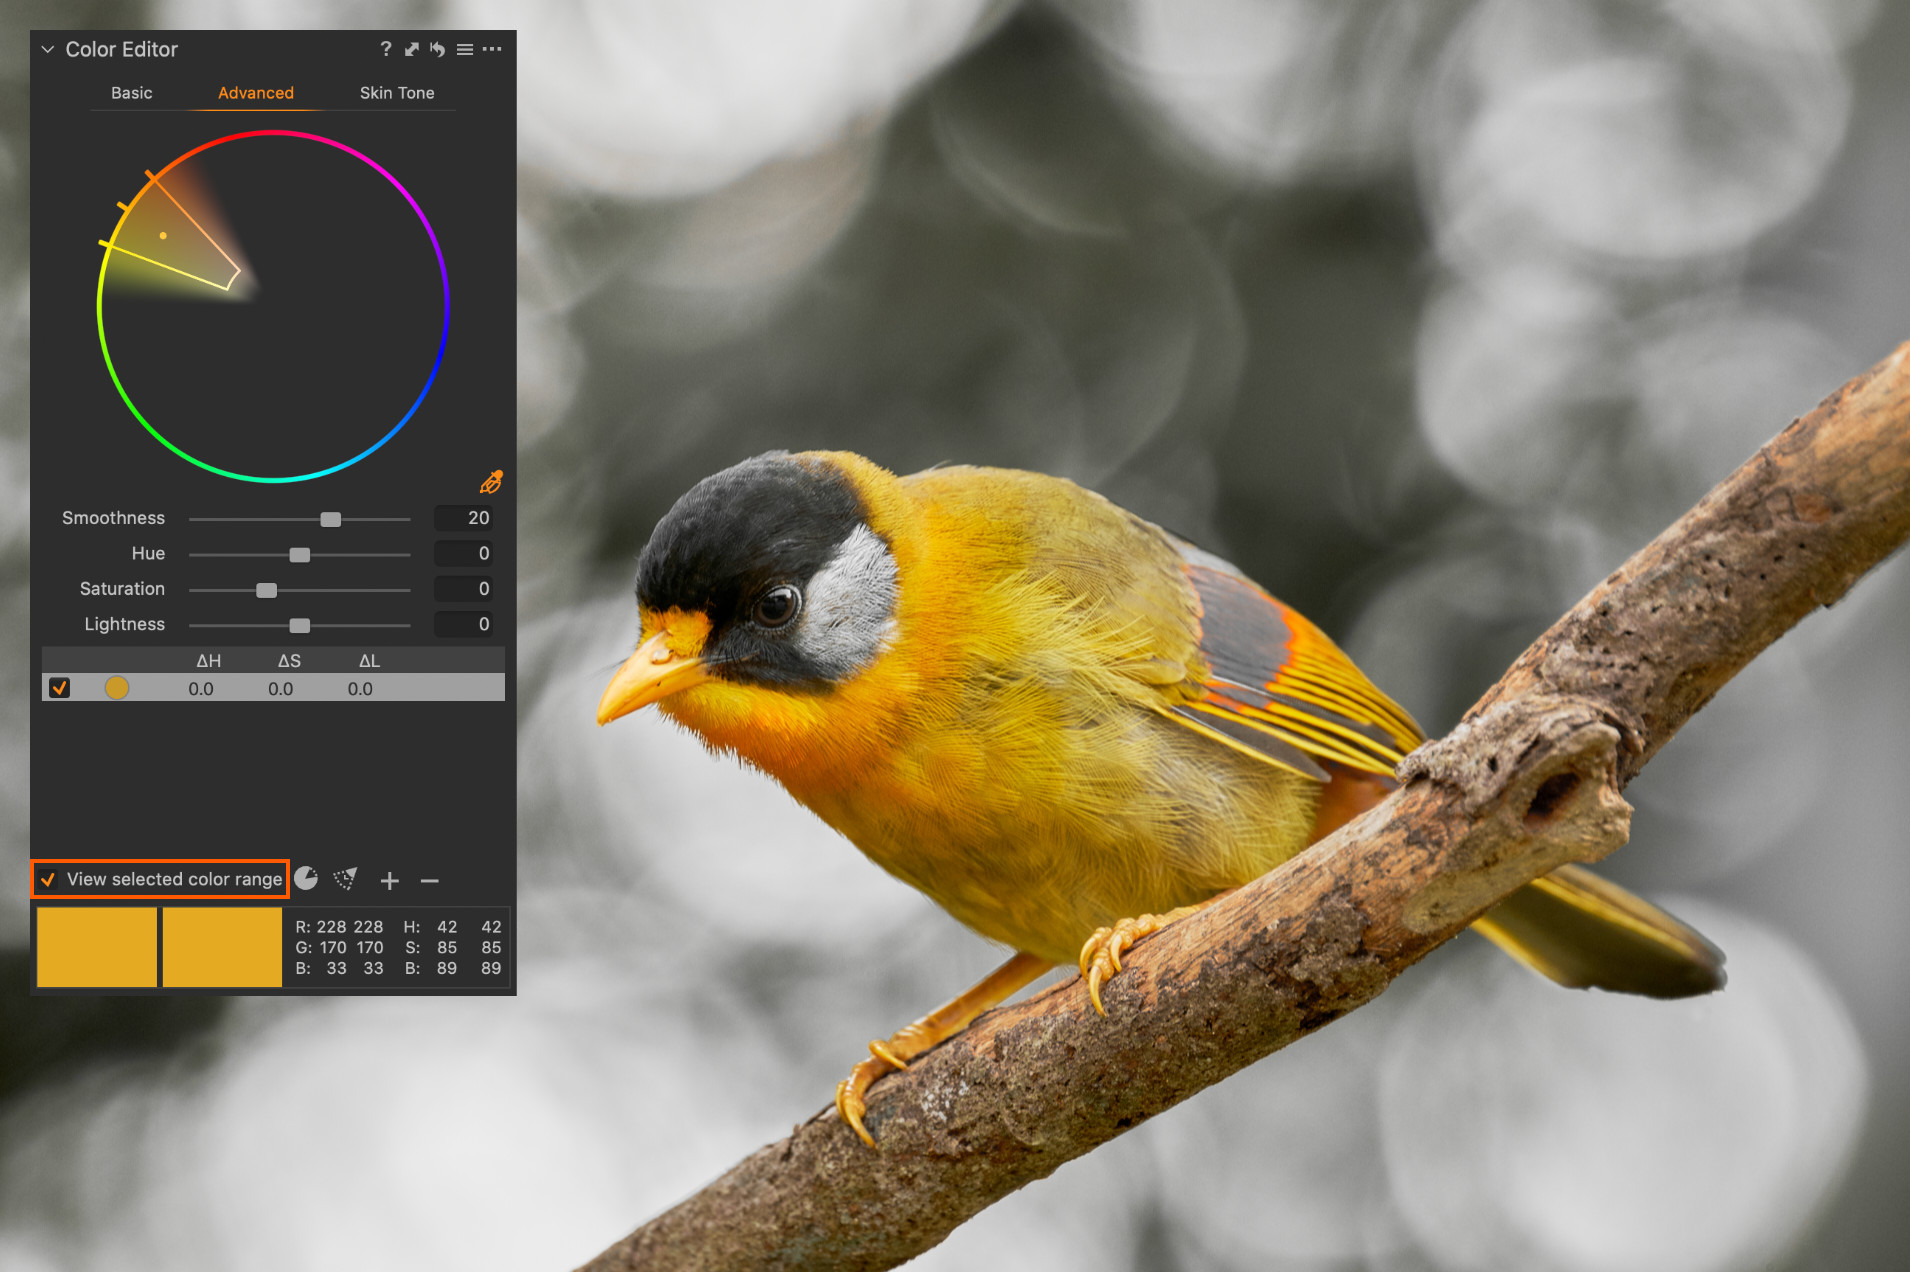 Funkce View Selected Color Range zobrazuje odstíny mimo výběr černobíle – pozadí má normálně zelený odstín, ale do výběru nespadá.